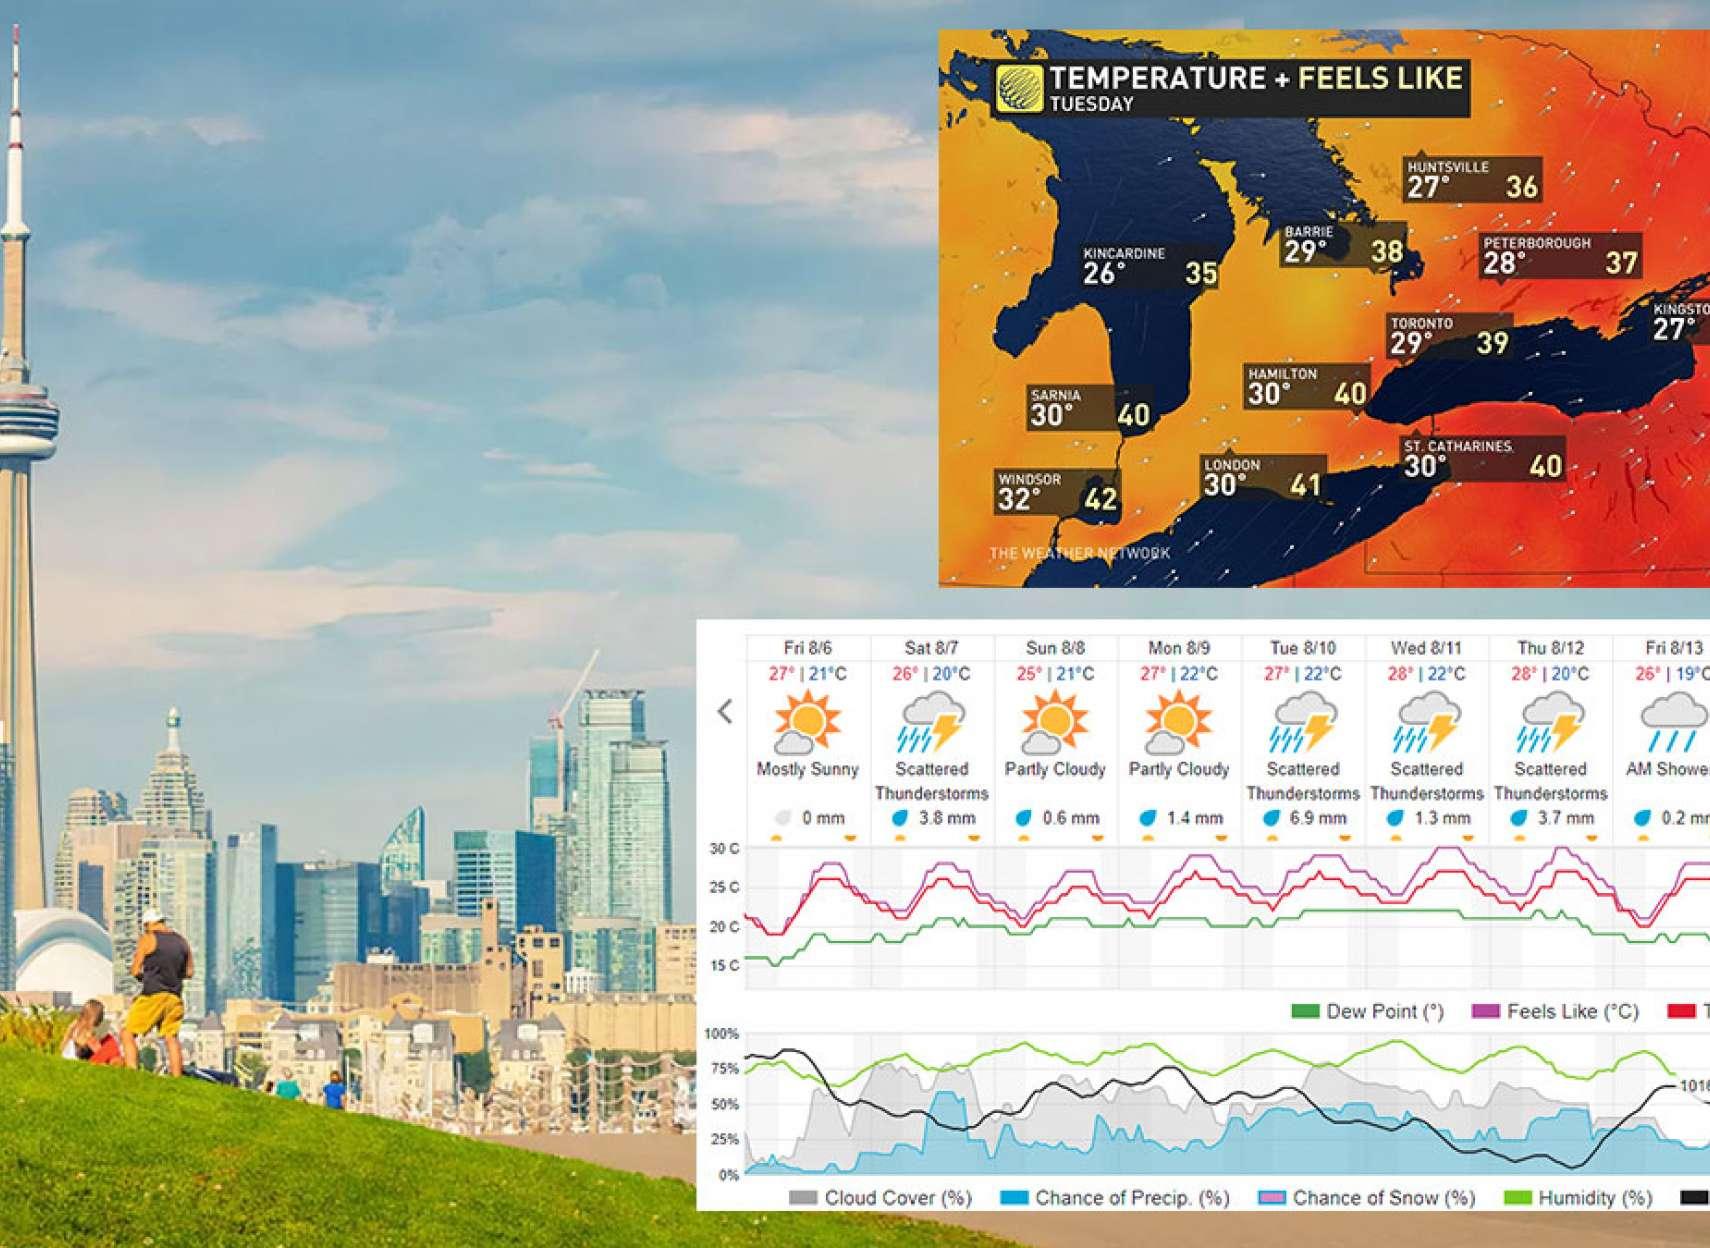 خبر-تورنتو-اعلان-وضعیت-هشدار-و-اضطراری-در-آخر-هفته-تورنتو-با-گرمای-حسی-۴۰-درجه-ای